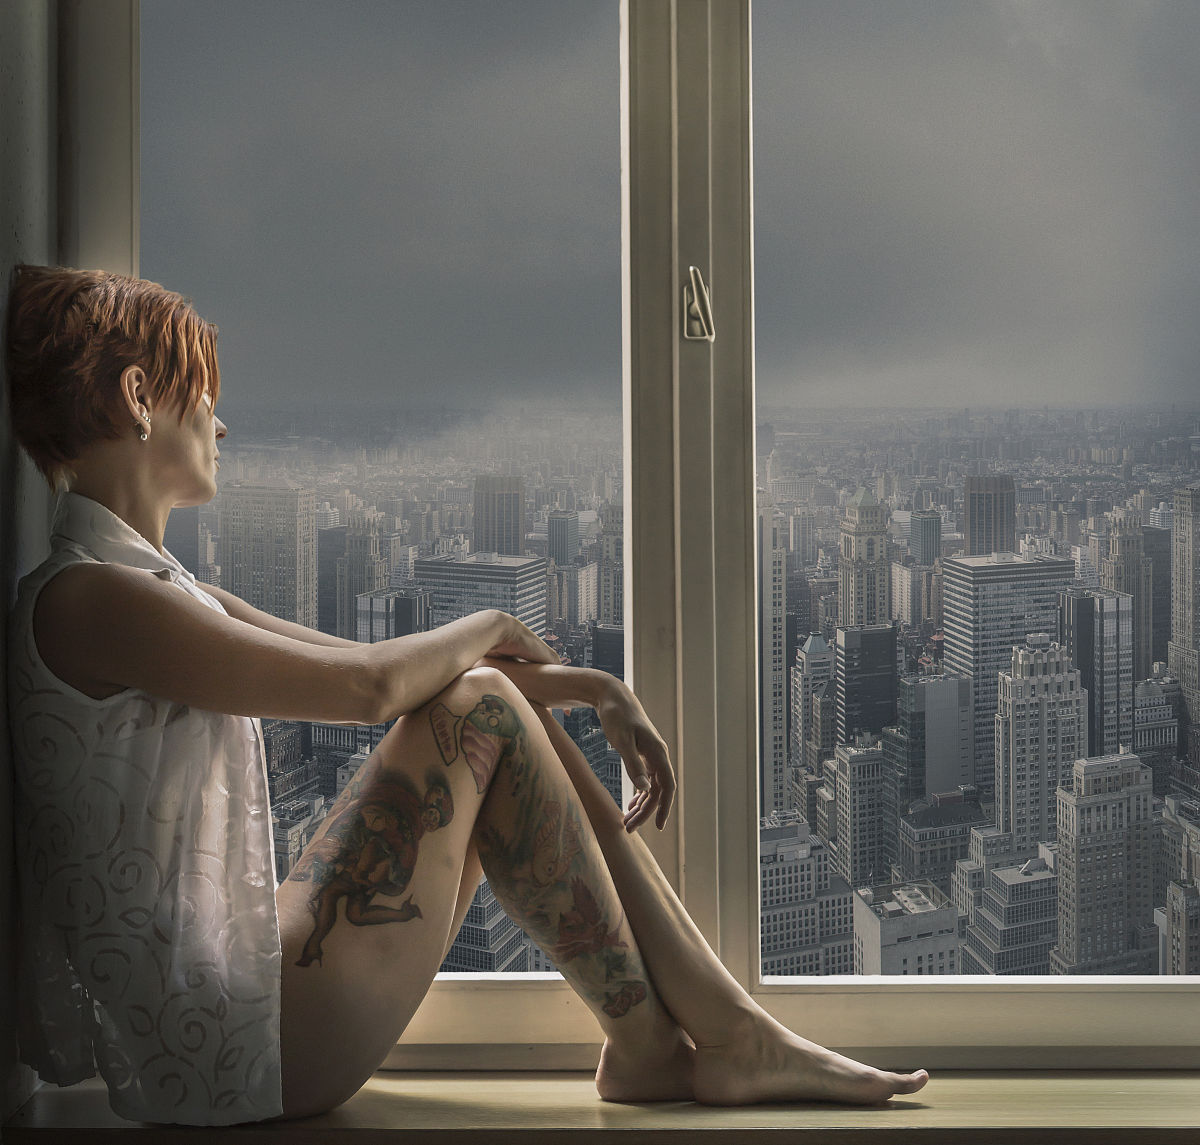 橱窗中成年女性纹身的侧面看图片